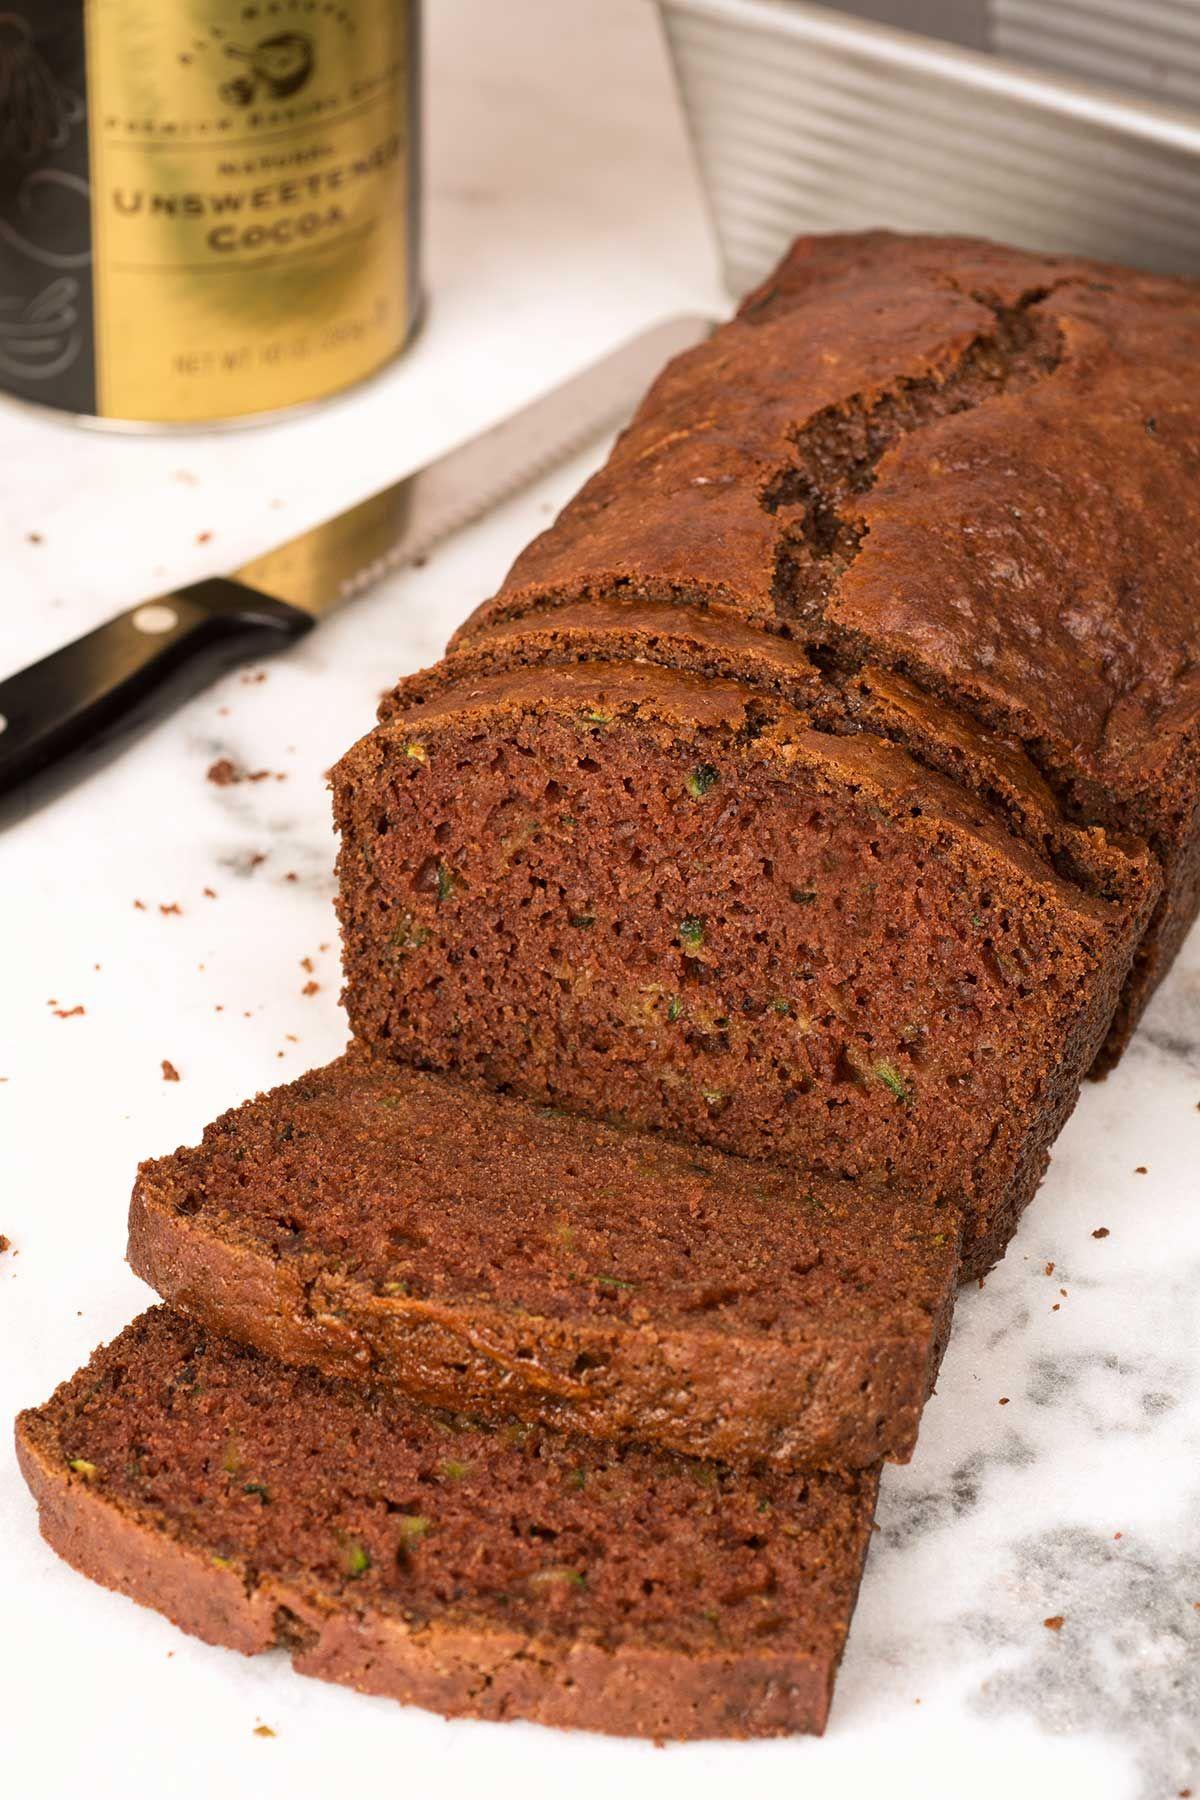 Chocolate Zucchini Bread: Our chocolate zucchini bread recipe combines shredded…